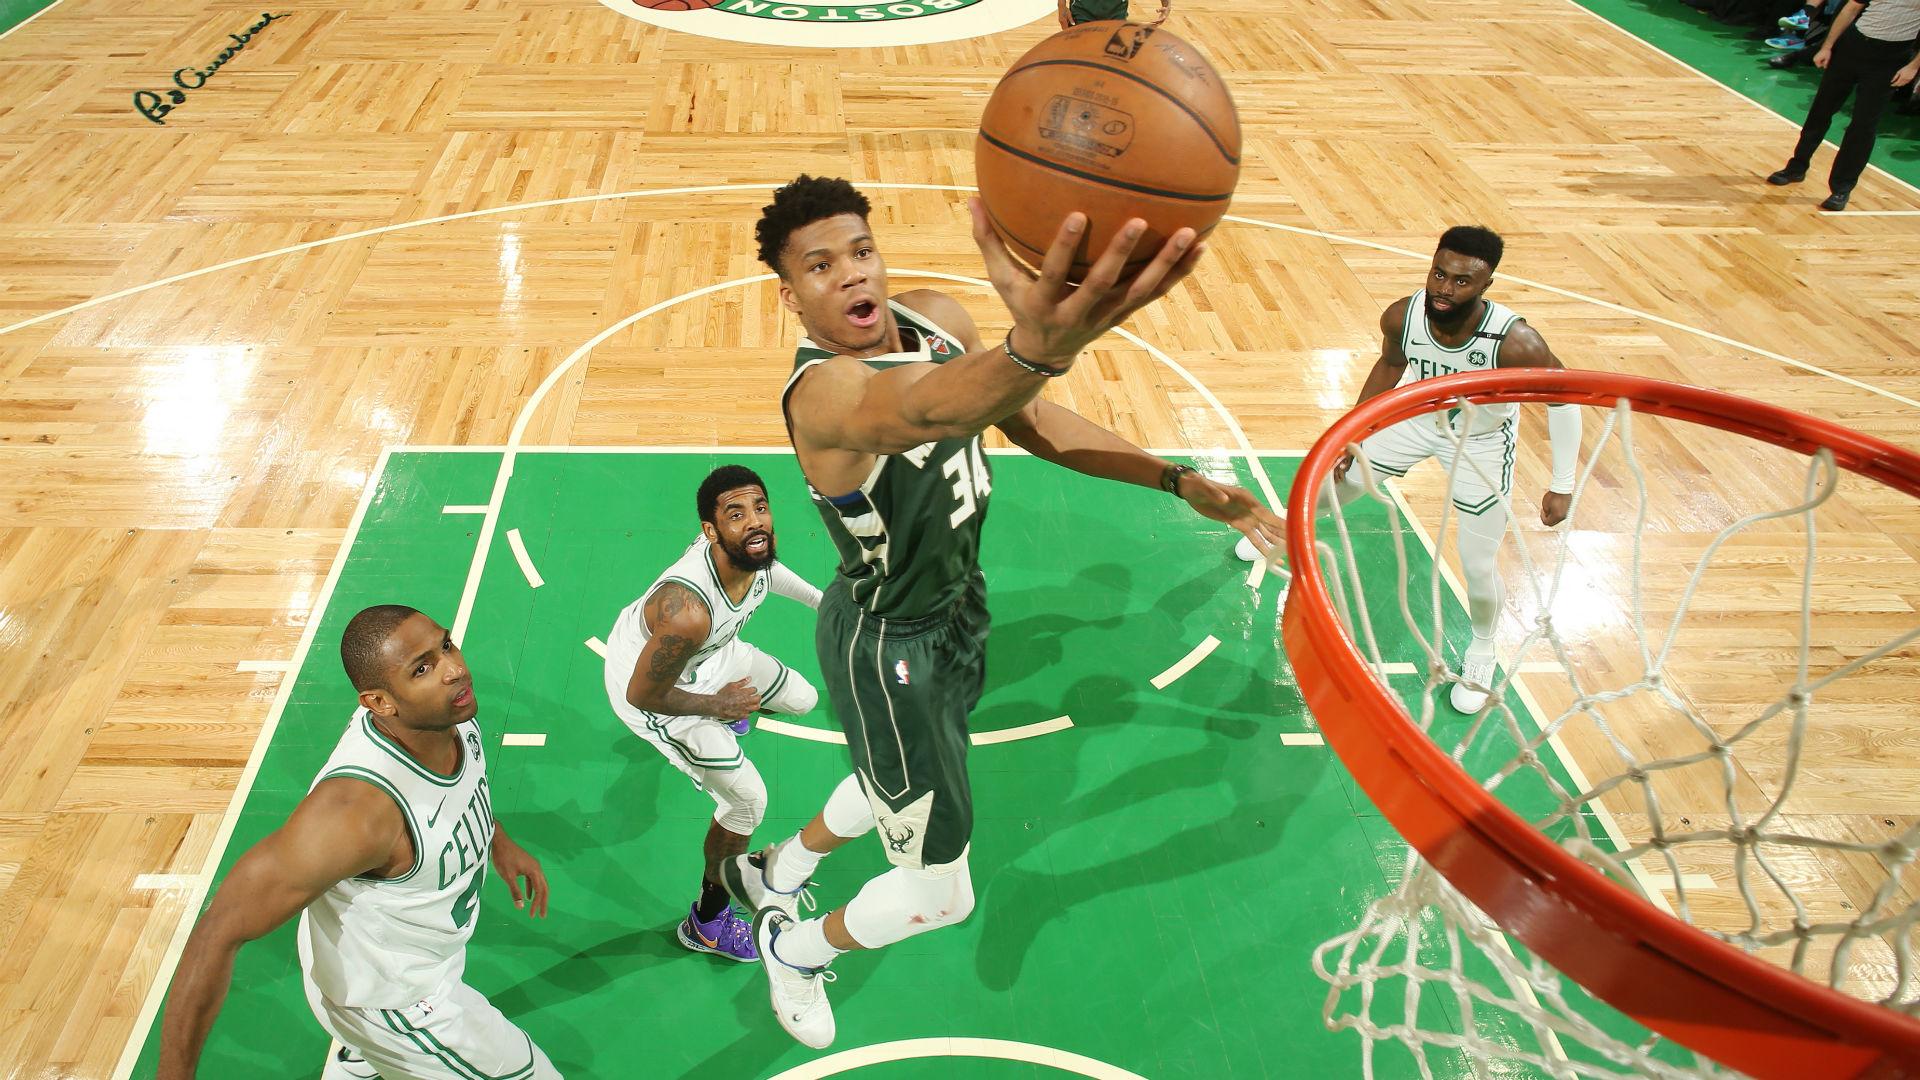 NBA Playoffs 2019: Giannis Antetokounmpo, Milwaukee Bucks